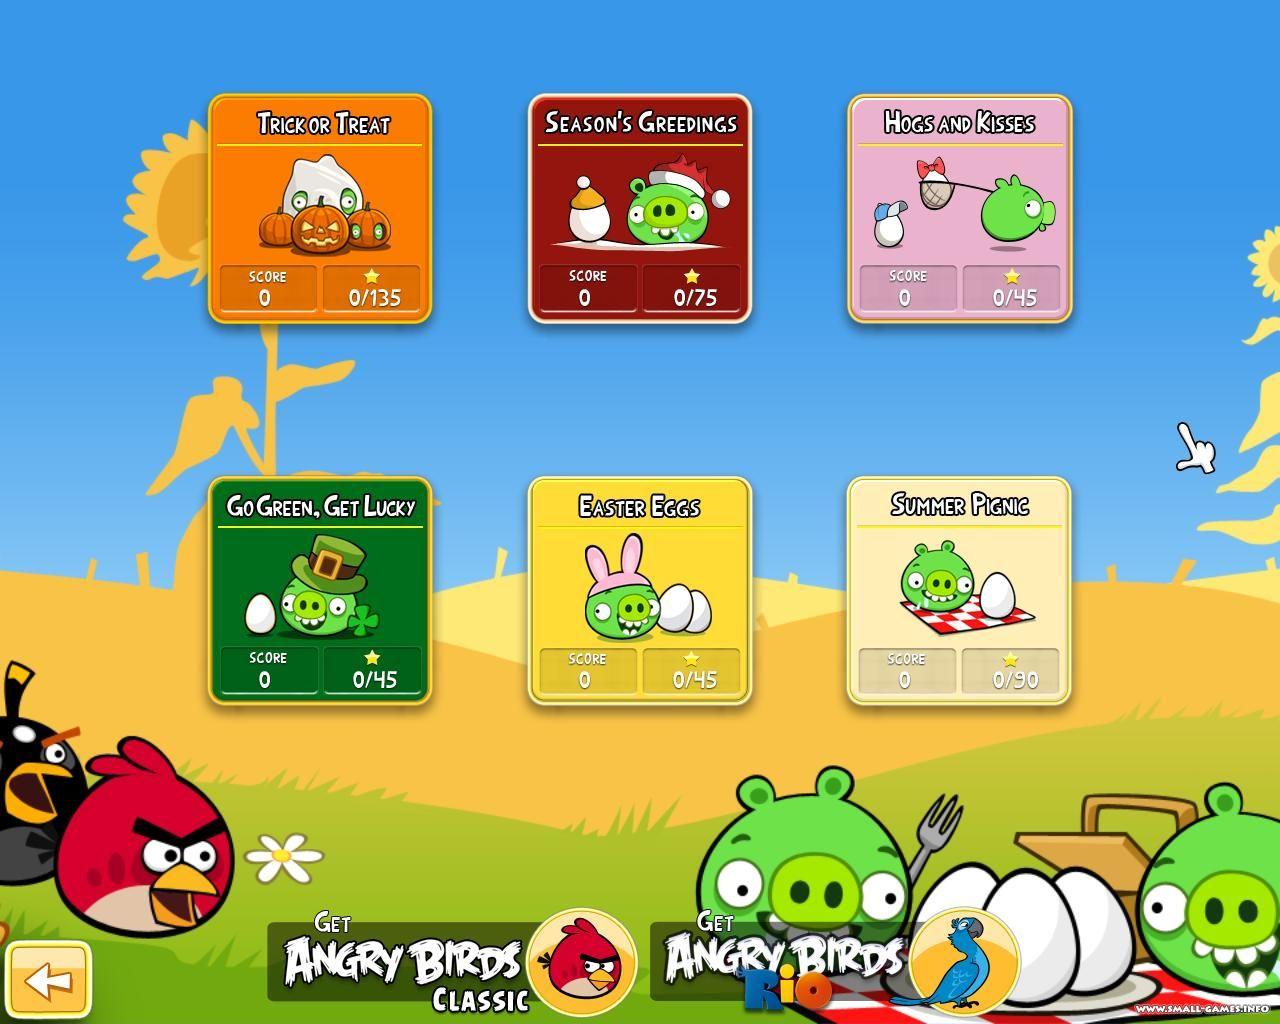 Angry birds rio for pc v2. 0. 0 торрент, скачать полную версию.